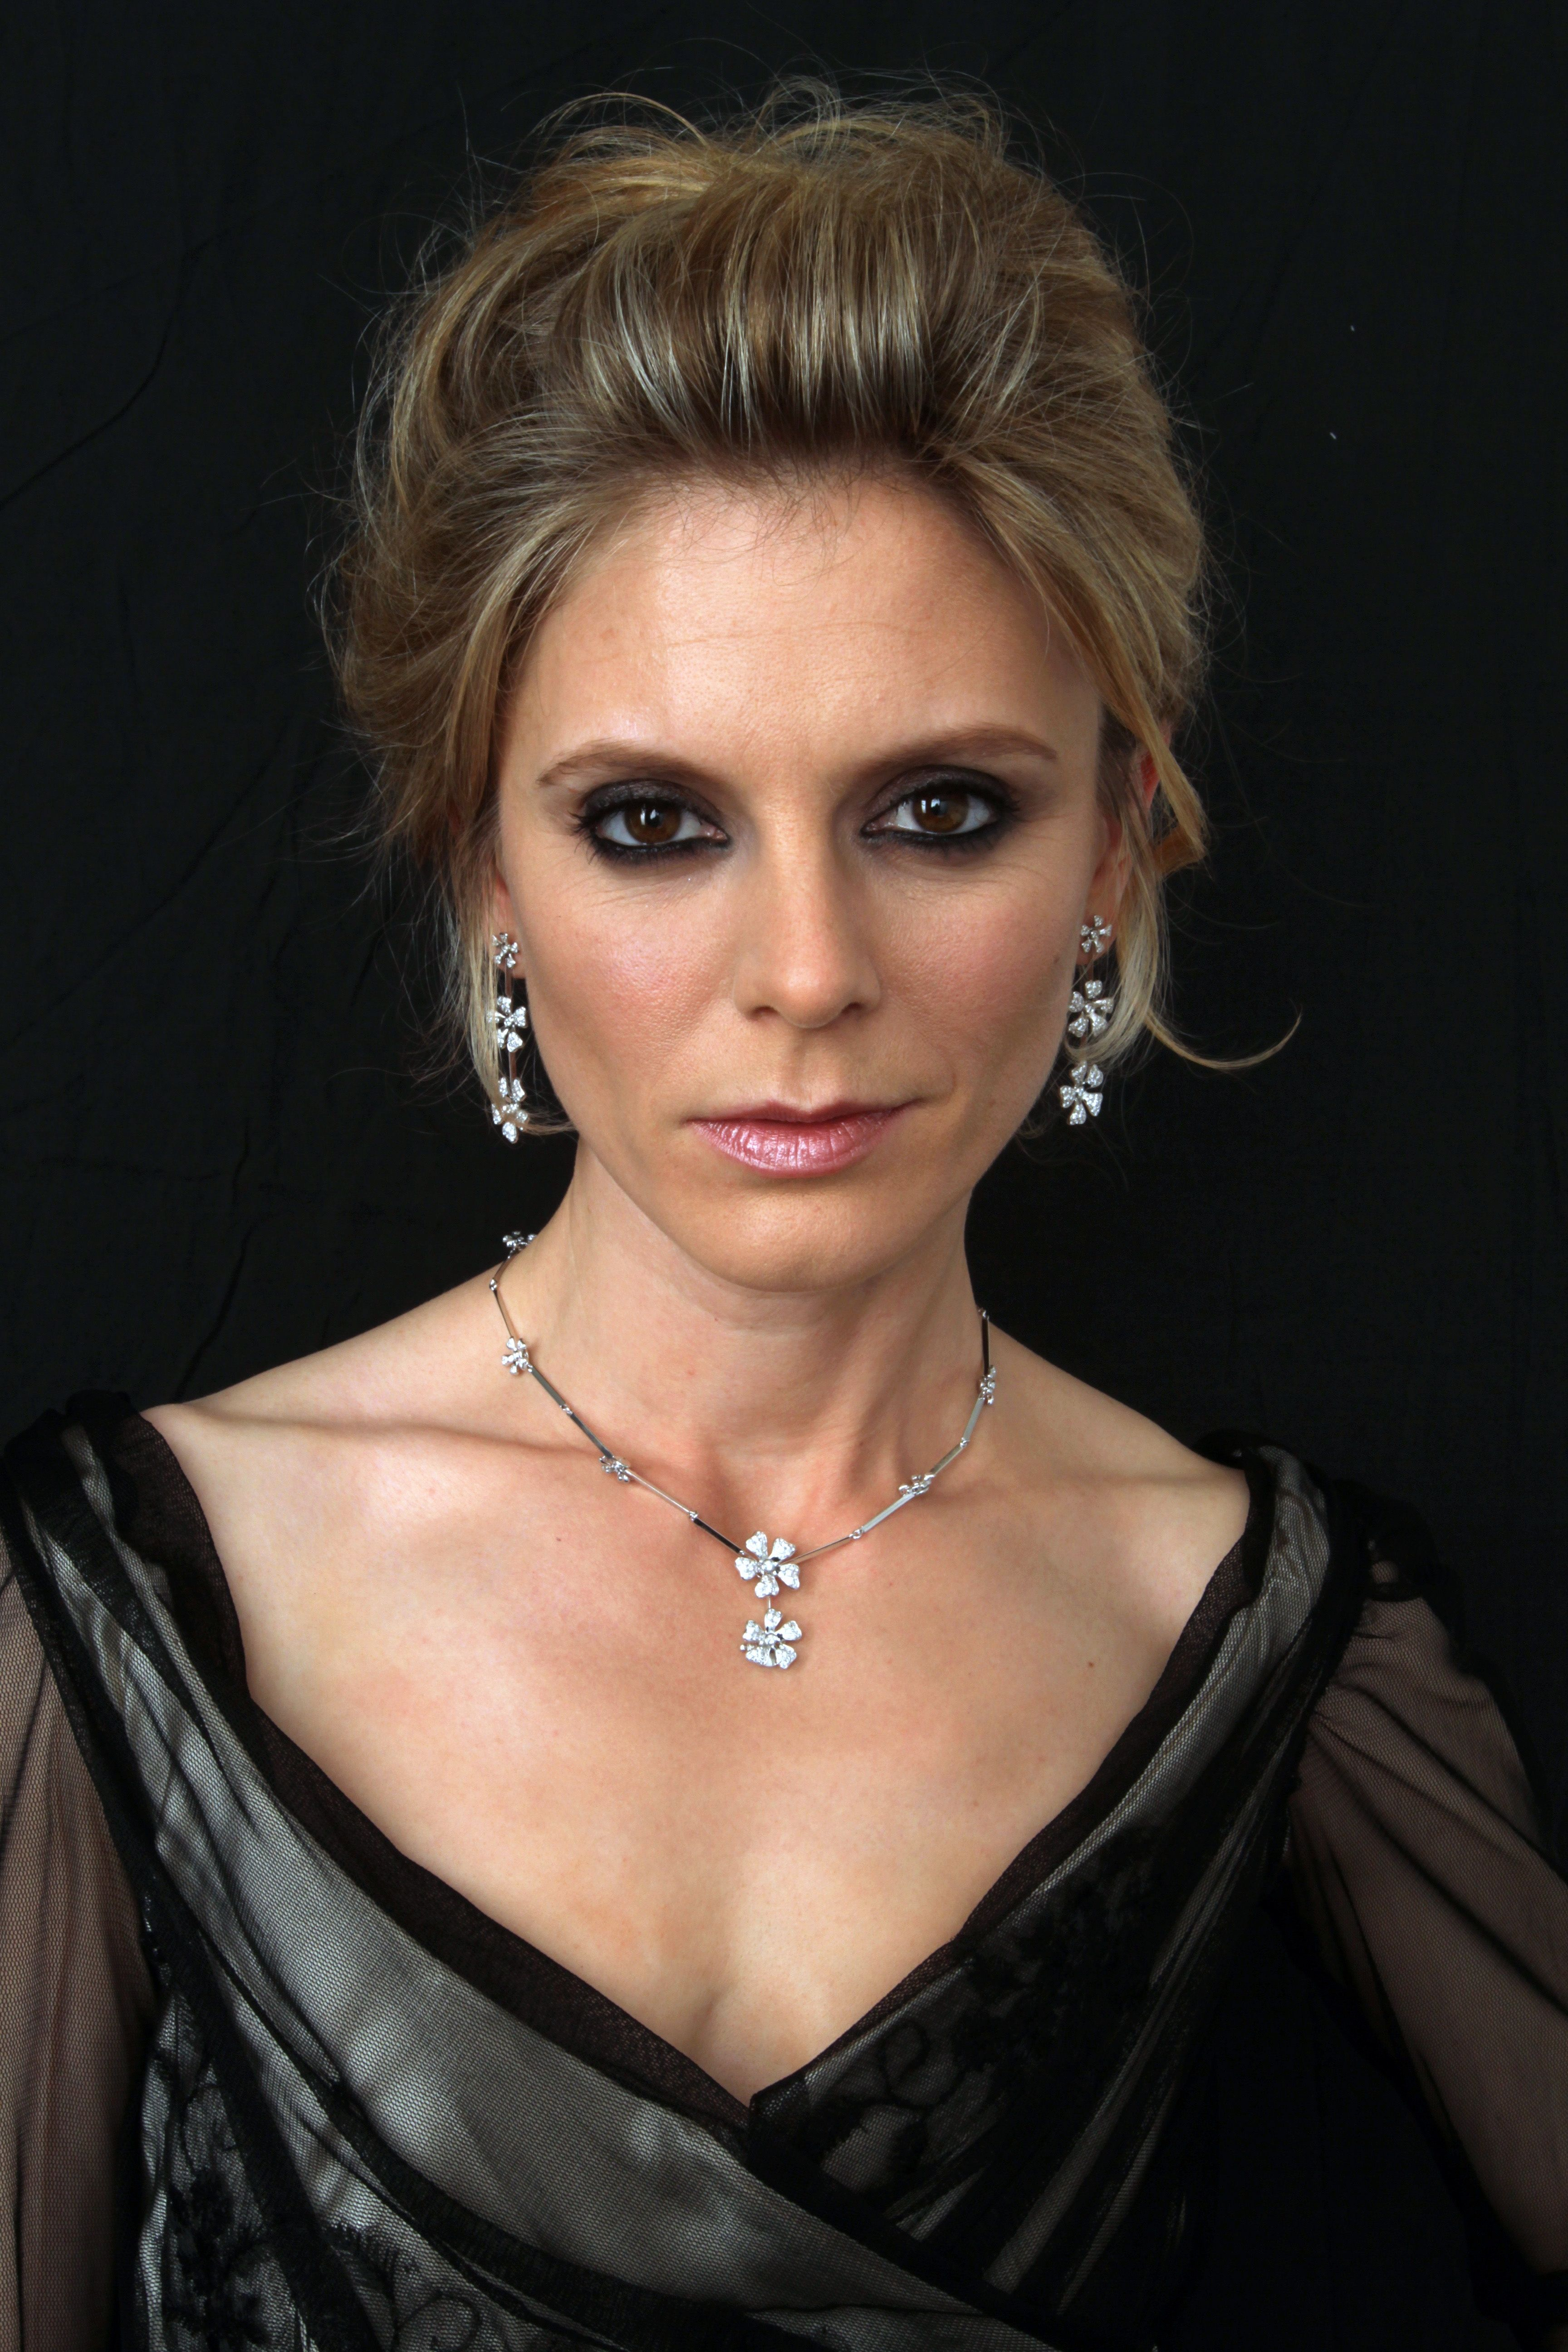 pics Emilia Fox (born 1974)